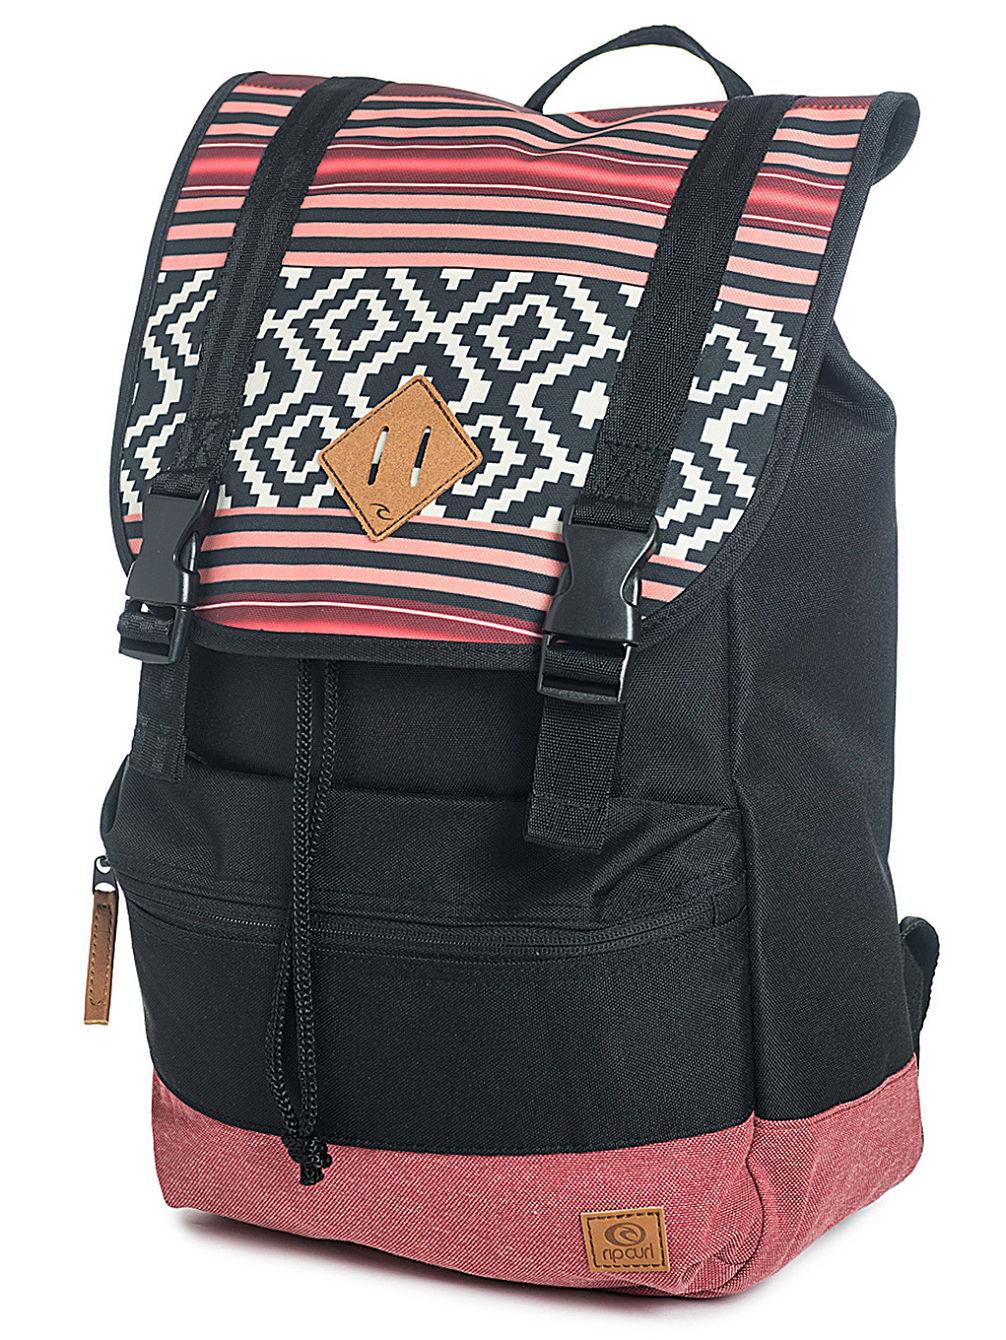 rip curl mapuche rucker rucksack online kaufen bei blue. Black Bedroom Furniture Sets. Home Design Ideas